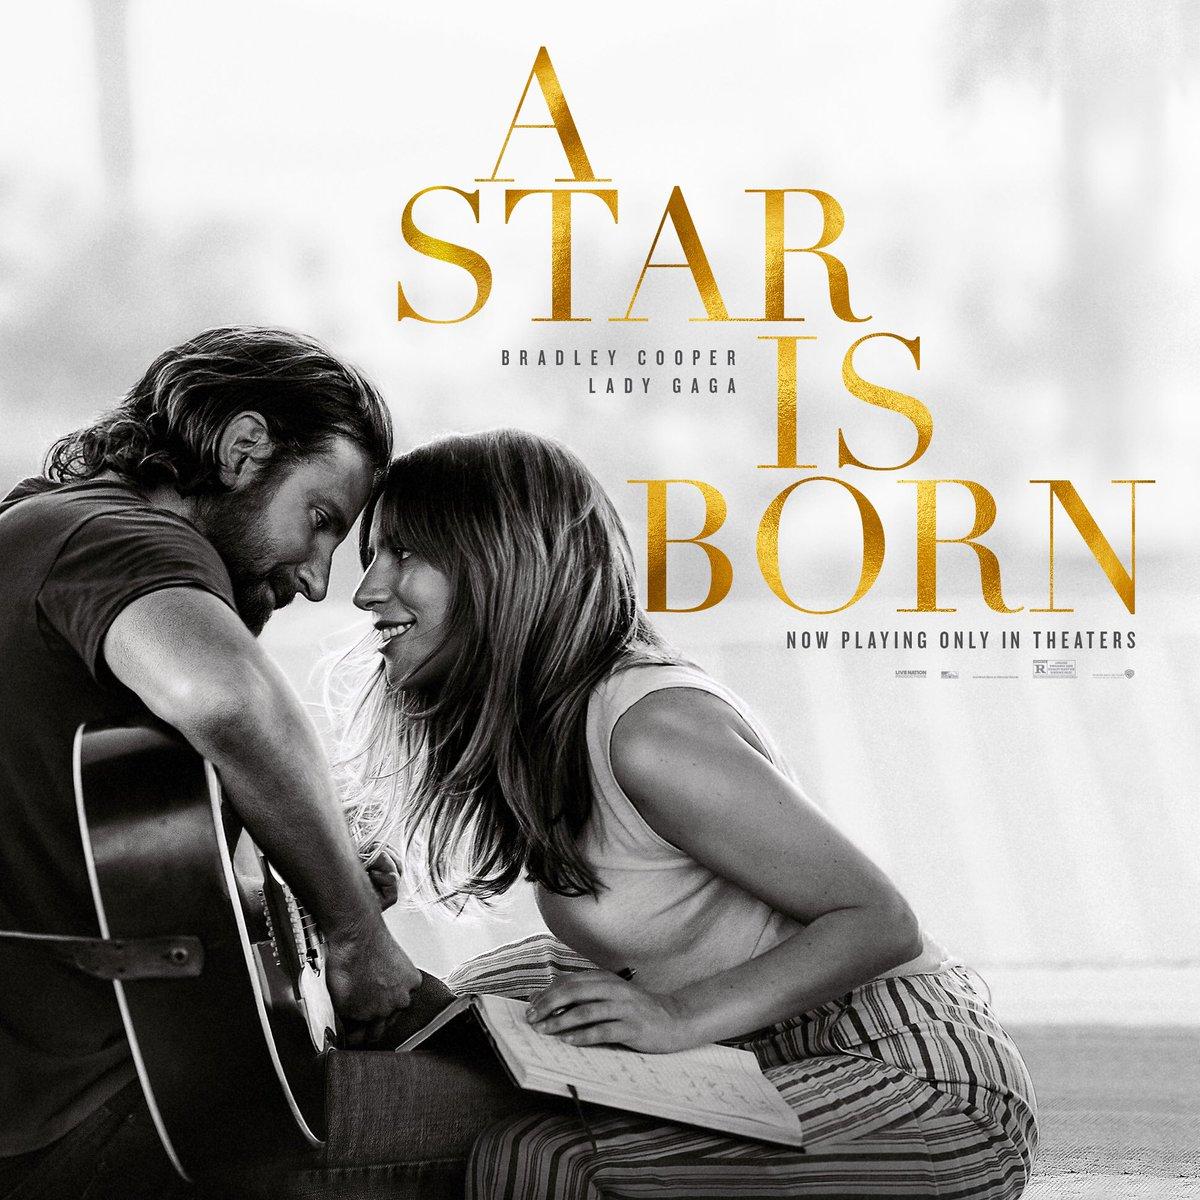 #AStarIsBorn is out now Tickets ???? https://t.co/Ex5PeCae9W Soundtrack ???? https://t.co/rRbaji0jbW https://t.co/fFz66GZ0oy